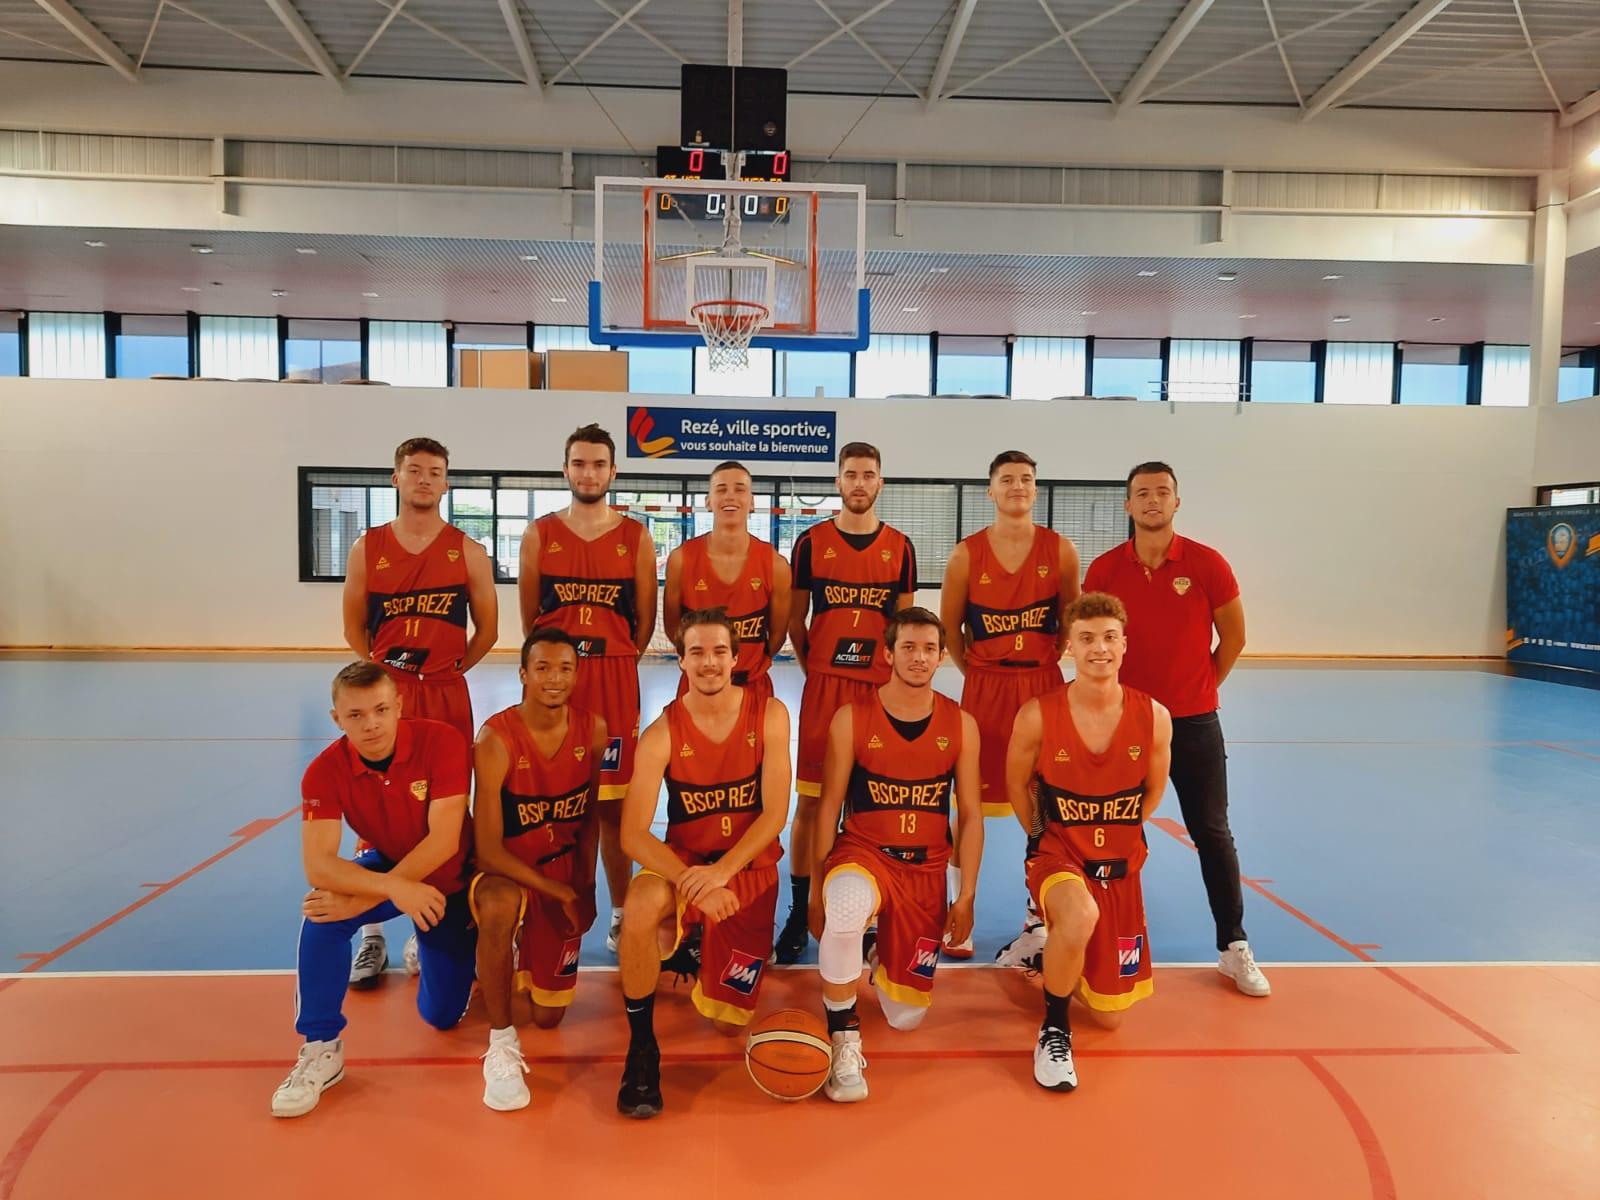 BCSP Rezé- équipe U20M Région